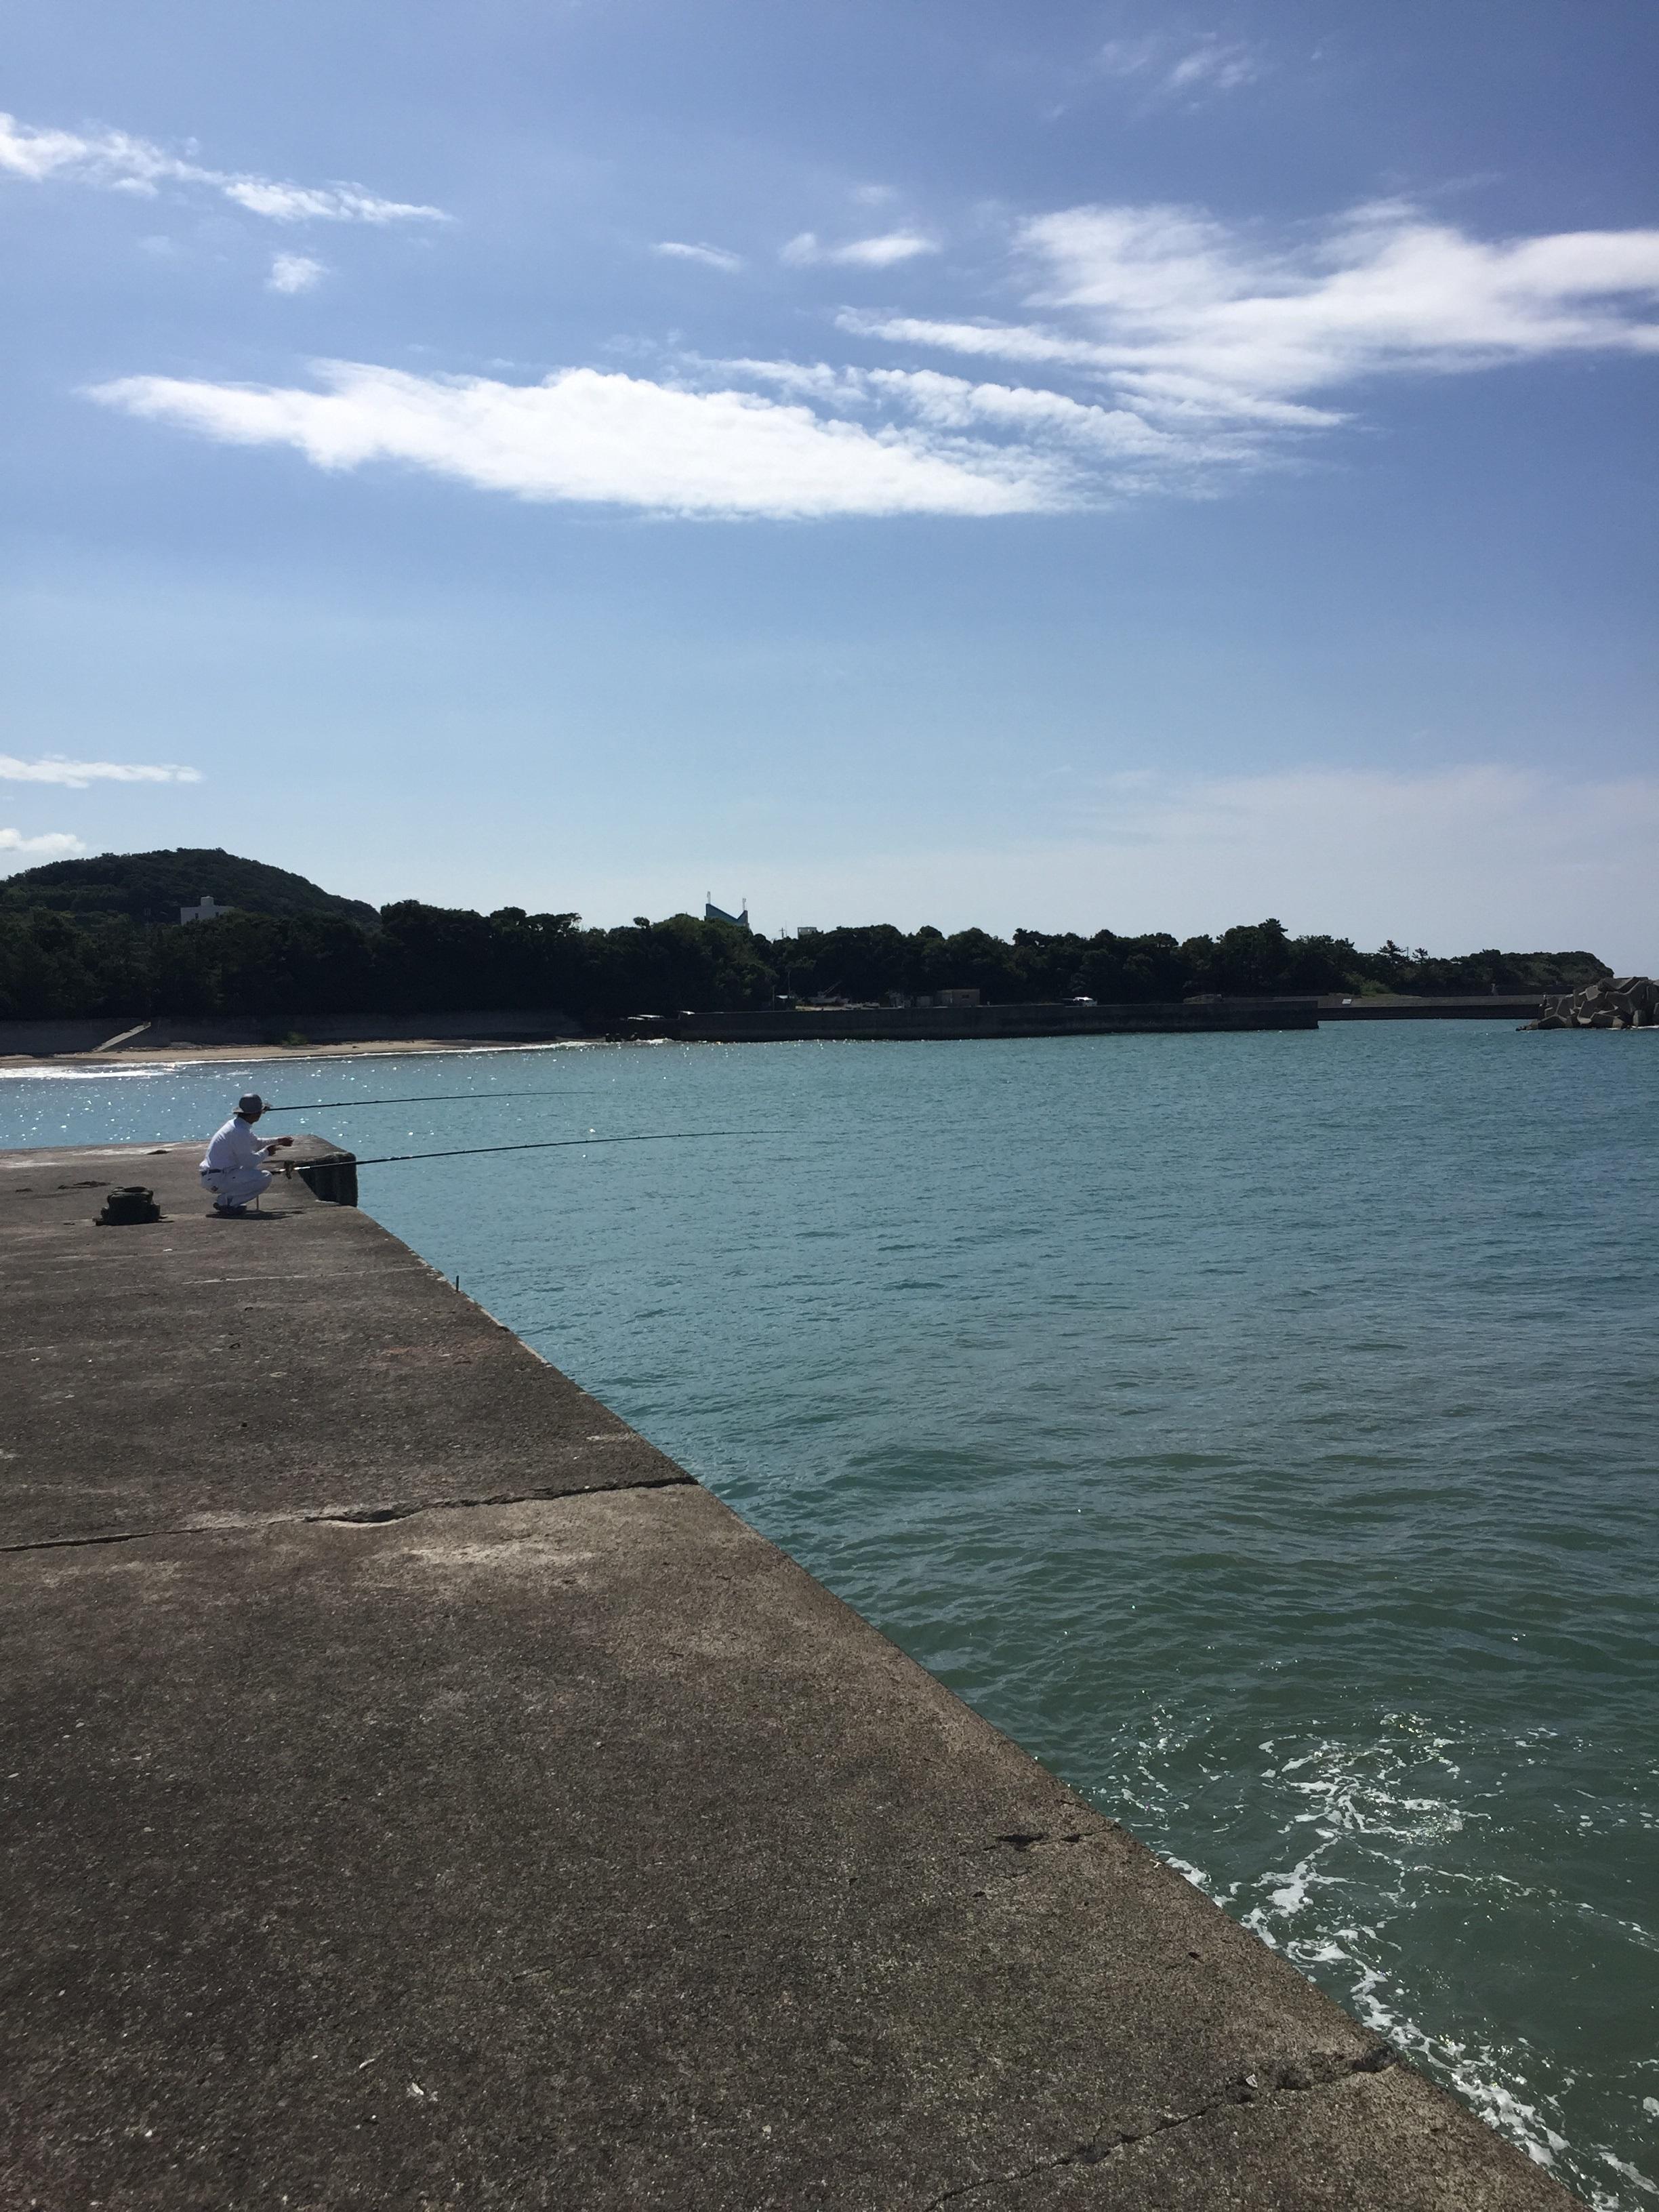 野島漁港の釣り場紹介、和歌山中紀の潮通しのいいエギングとショアジギングにオススメの漁港